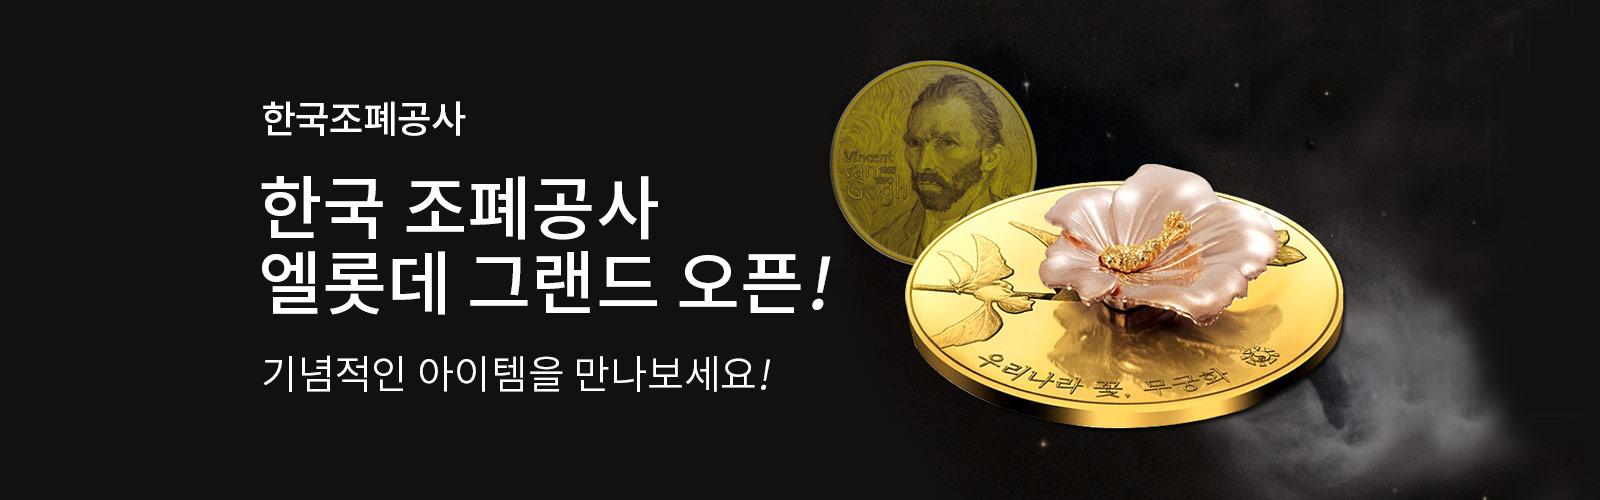 한국조폐공사 한국 조폐공사 엘롯데 그랜드 오픈! 기념적인 아이템을 만나보세요!